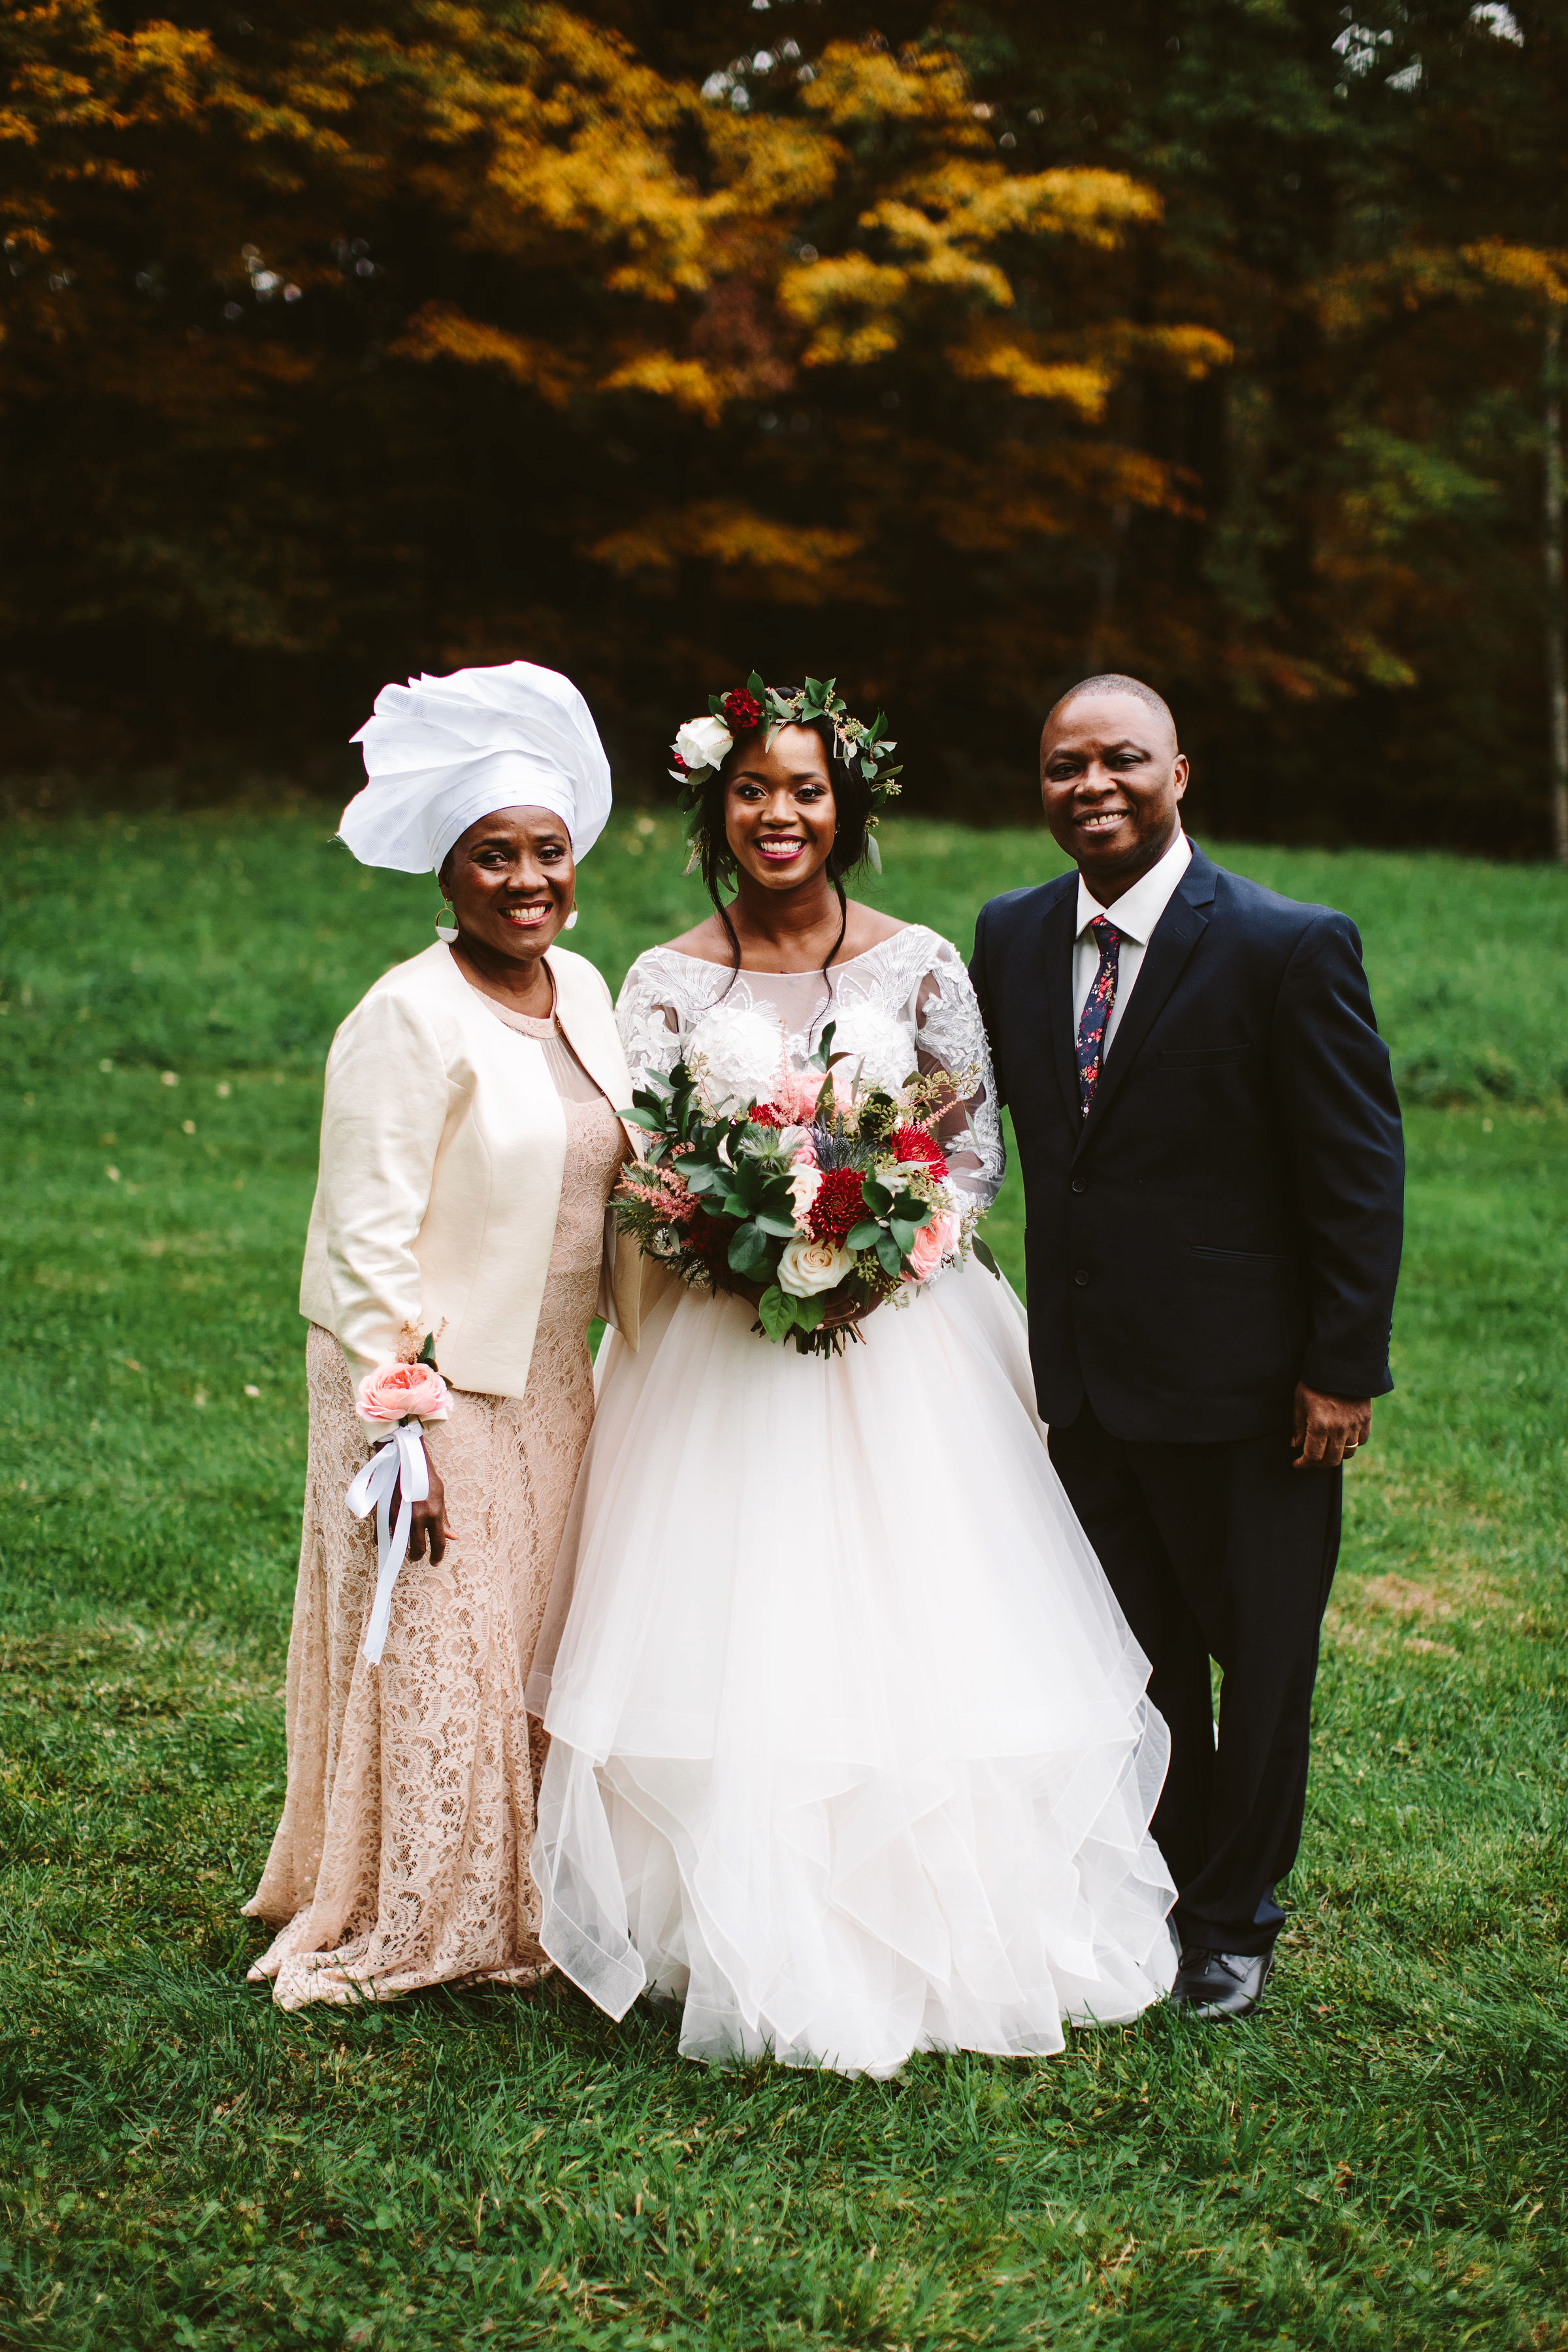 rivka aaron wedding parents of the bride